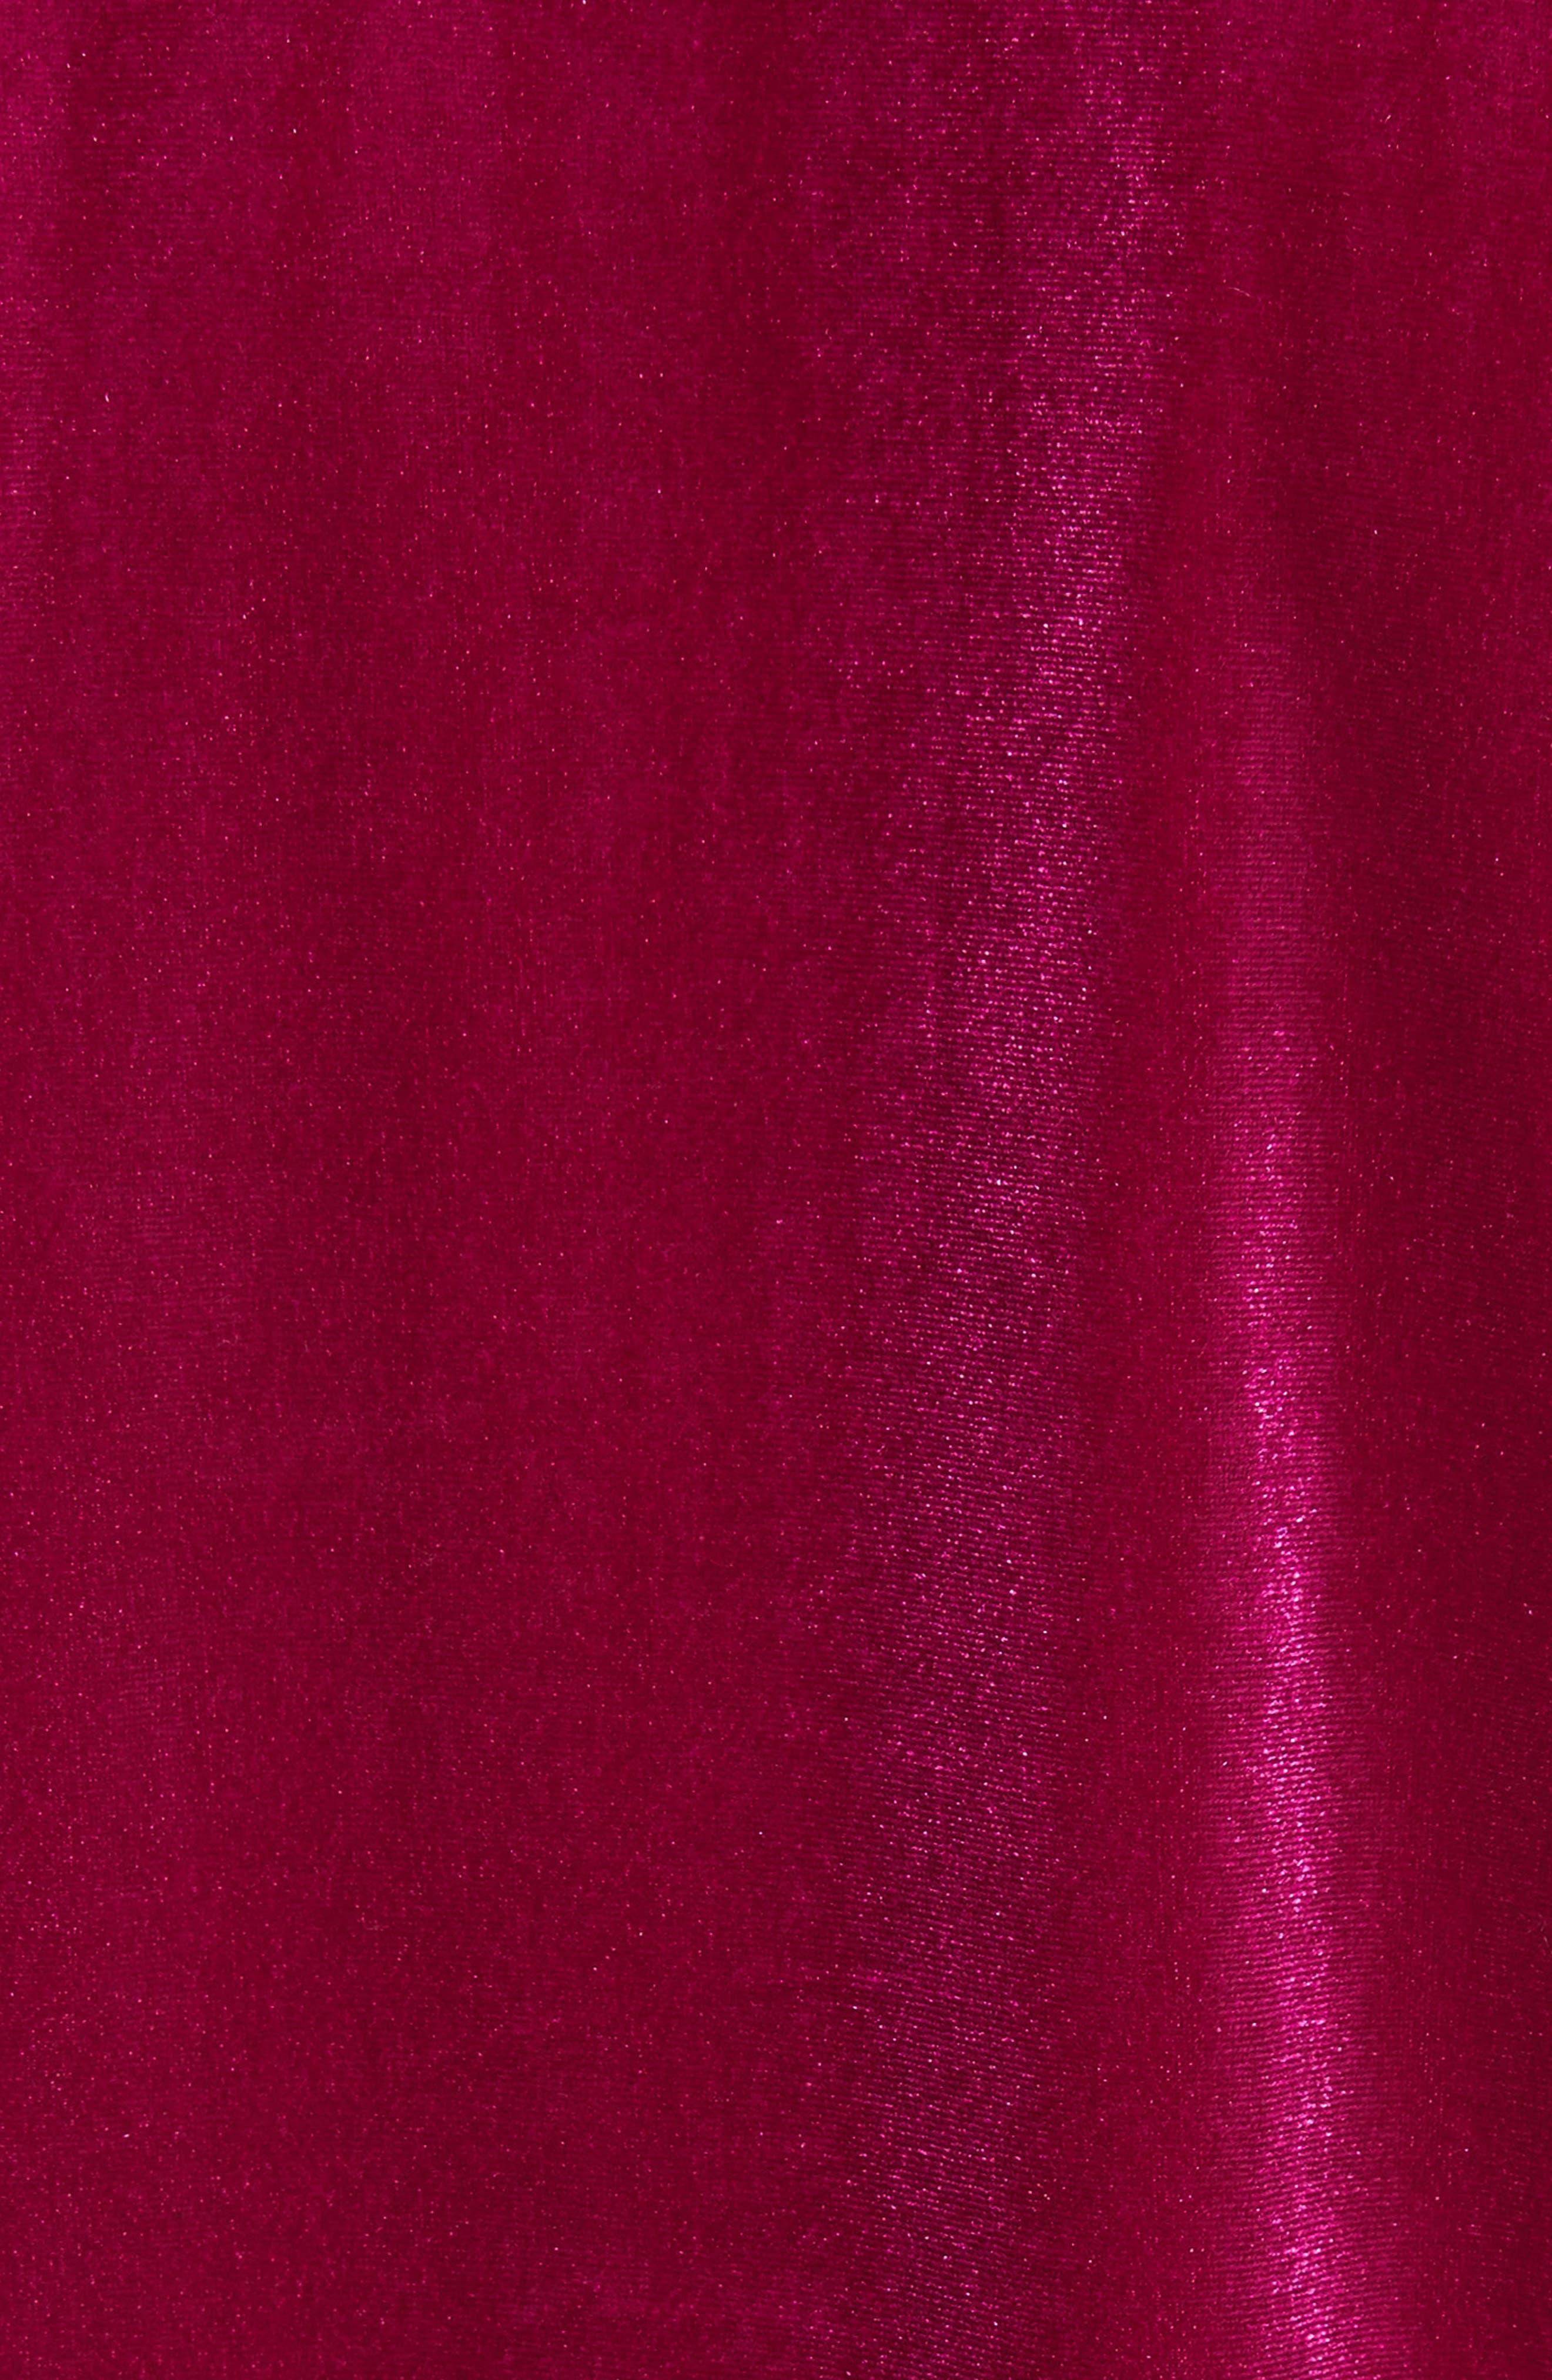 Sequin Velour Top,                             Alternate thumbnail 5, color,                             540